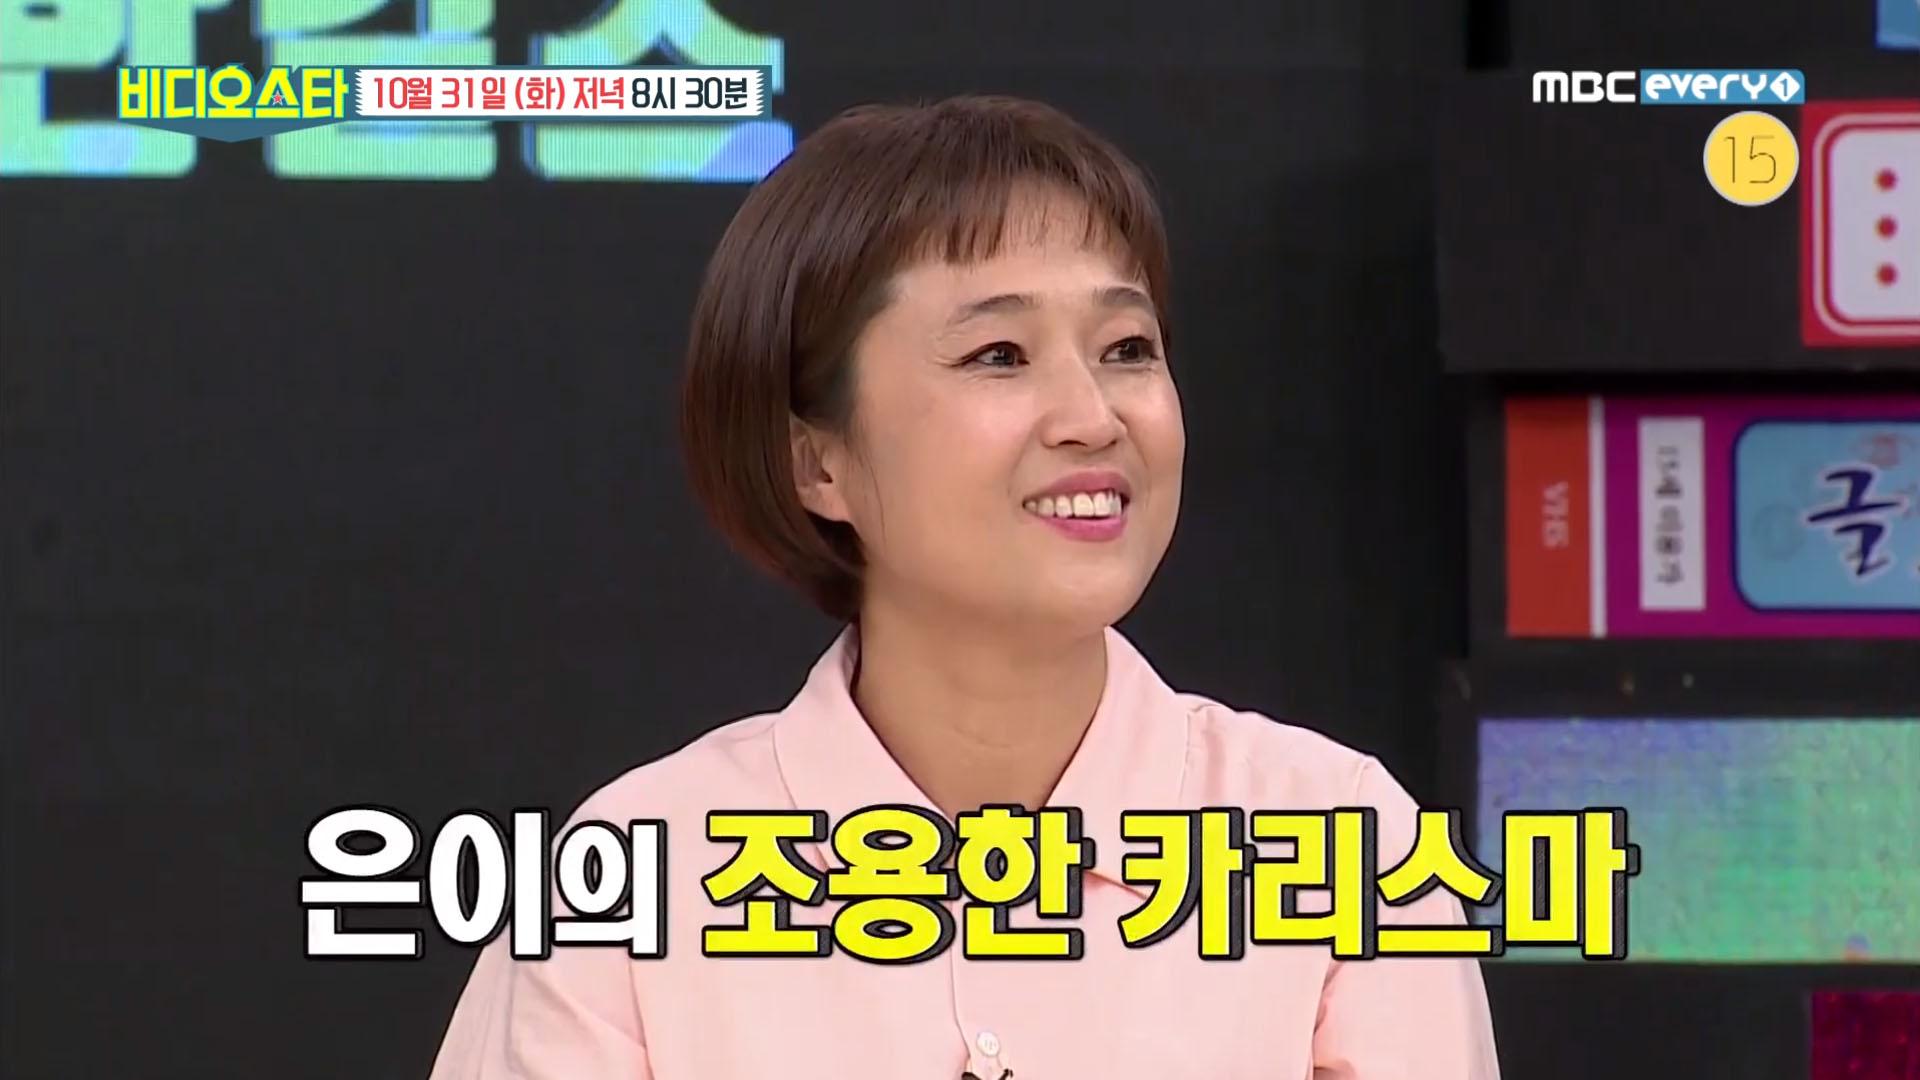 <비디오스타>송은이, 혼낼땐 혼내지만 멋있는 선배!